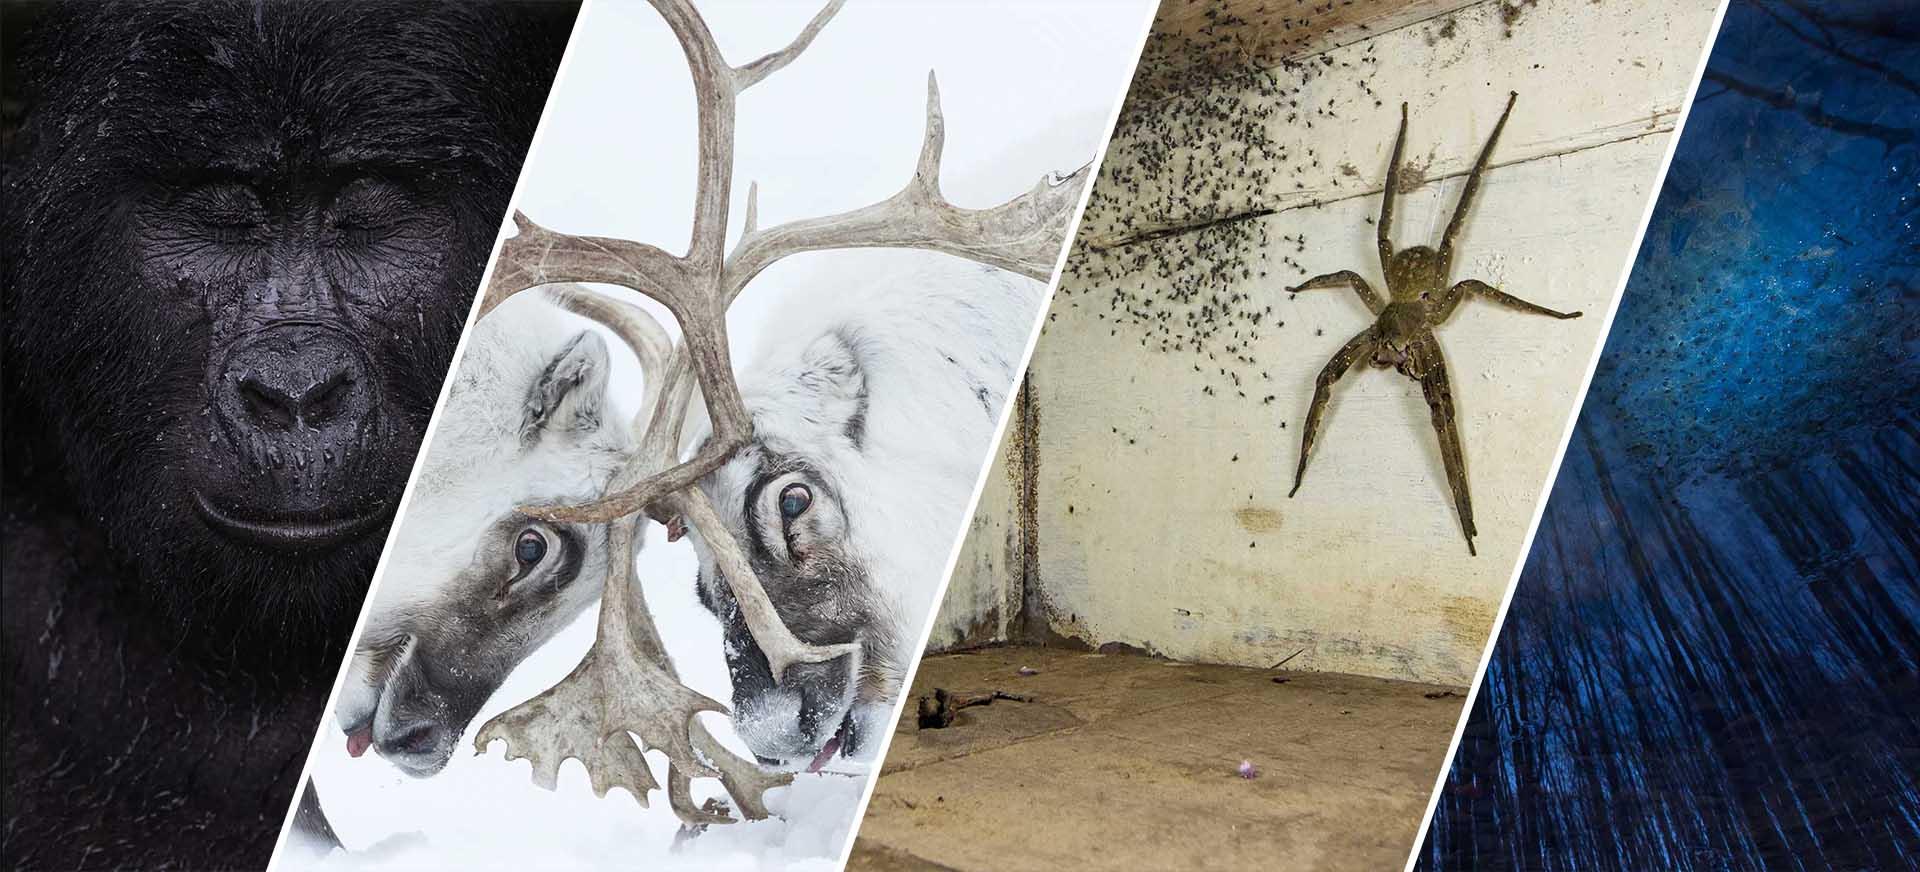 Concurso de fotos de vida selvagem revela vencedores com imagens impressionantes!